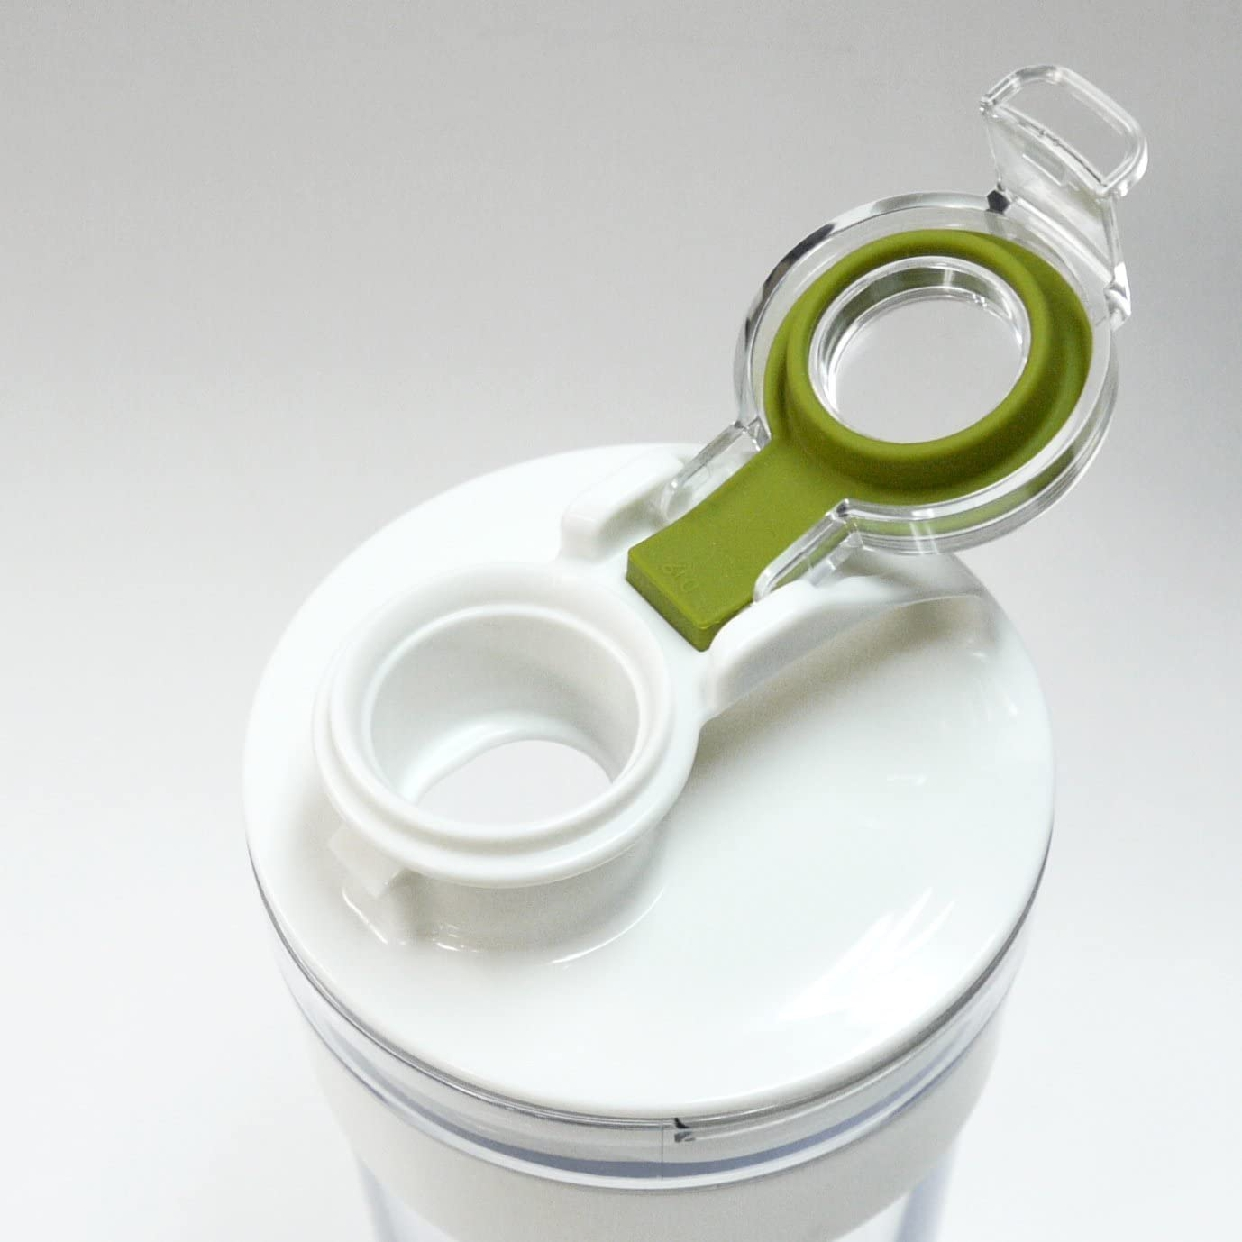 TAKEYA(タケヤ) フレッシュロックピッチャー 1.1Lミントの商品画像7